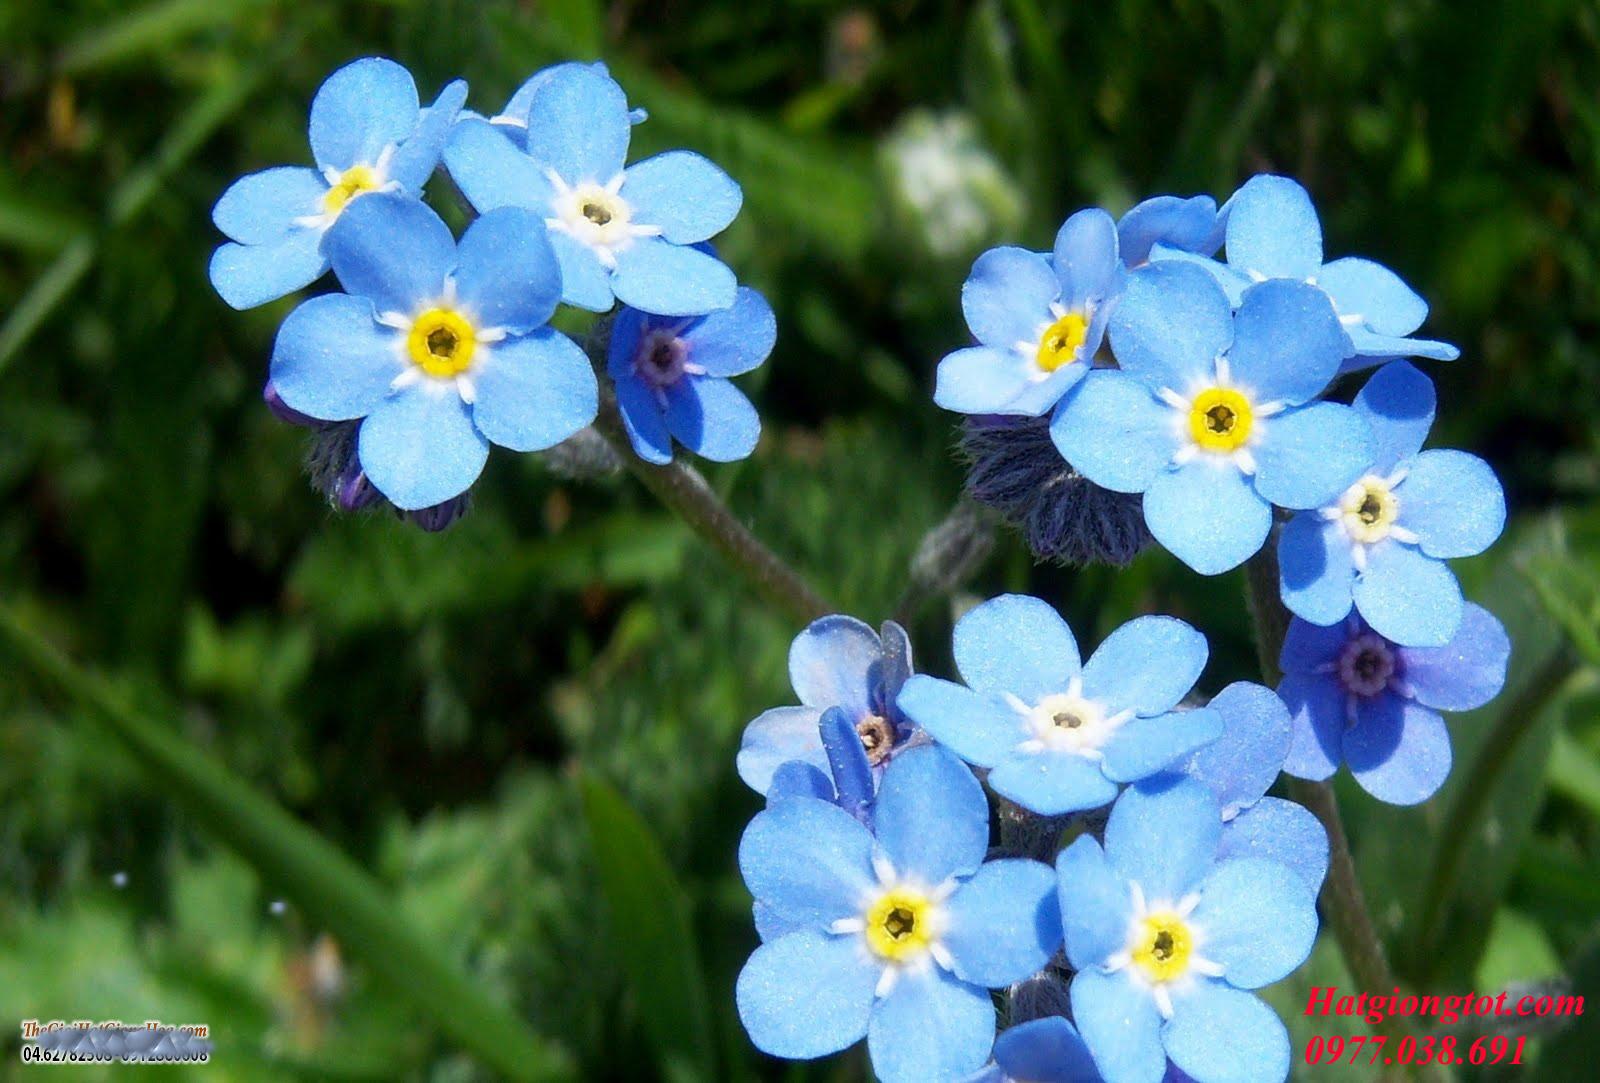 Hoa lưu ly xanh đẹp